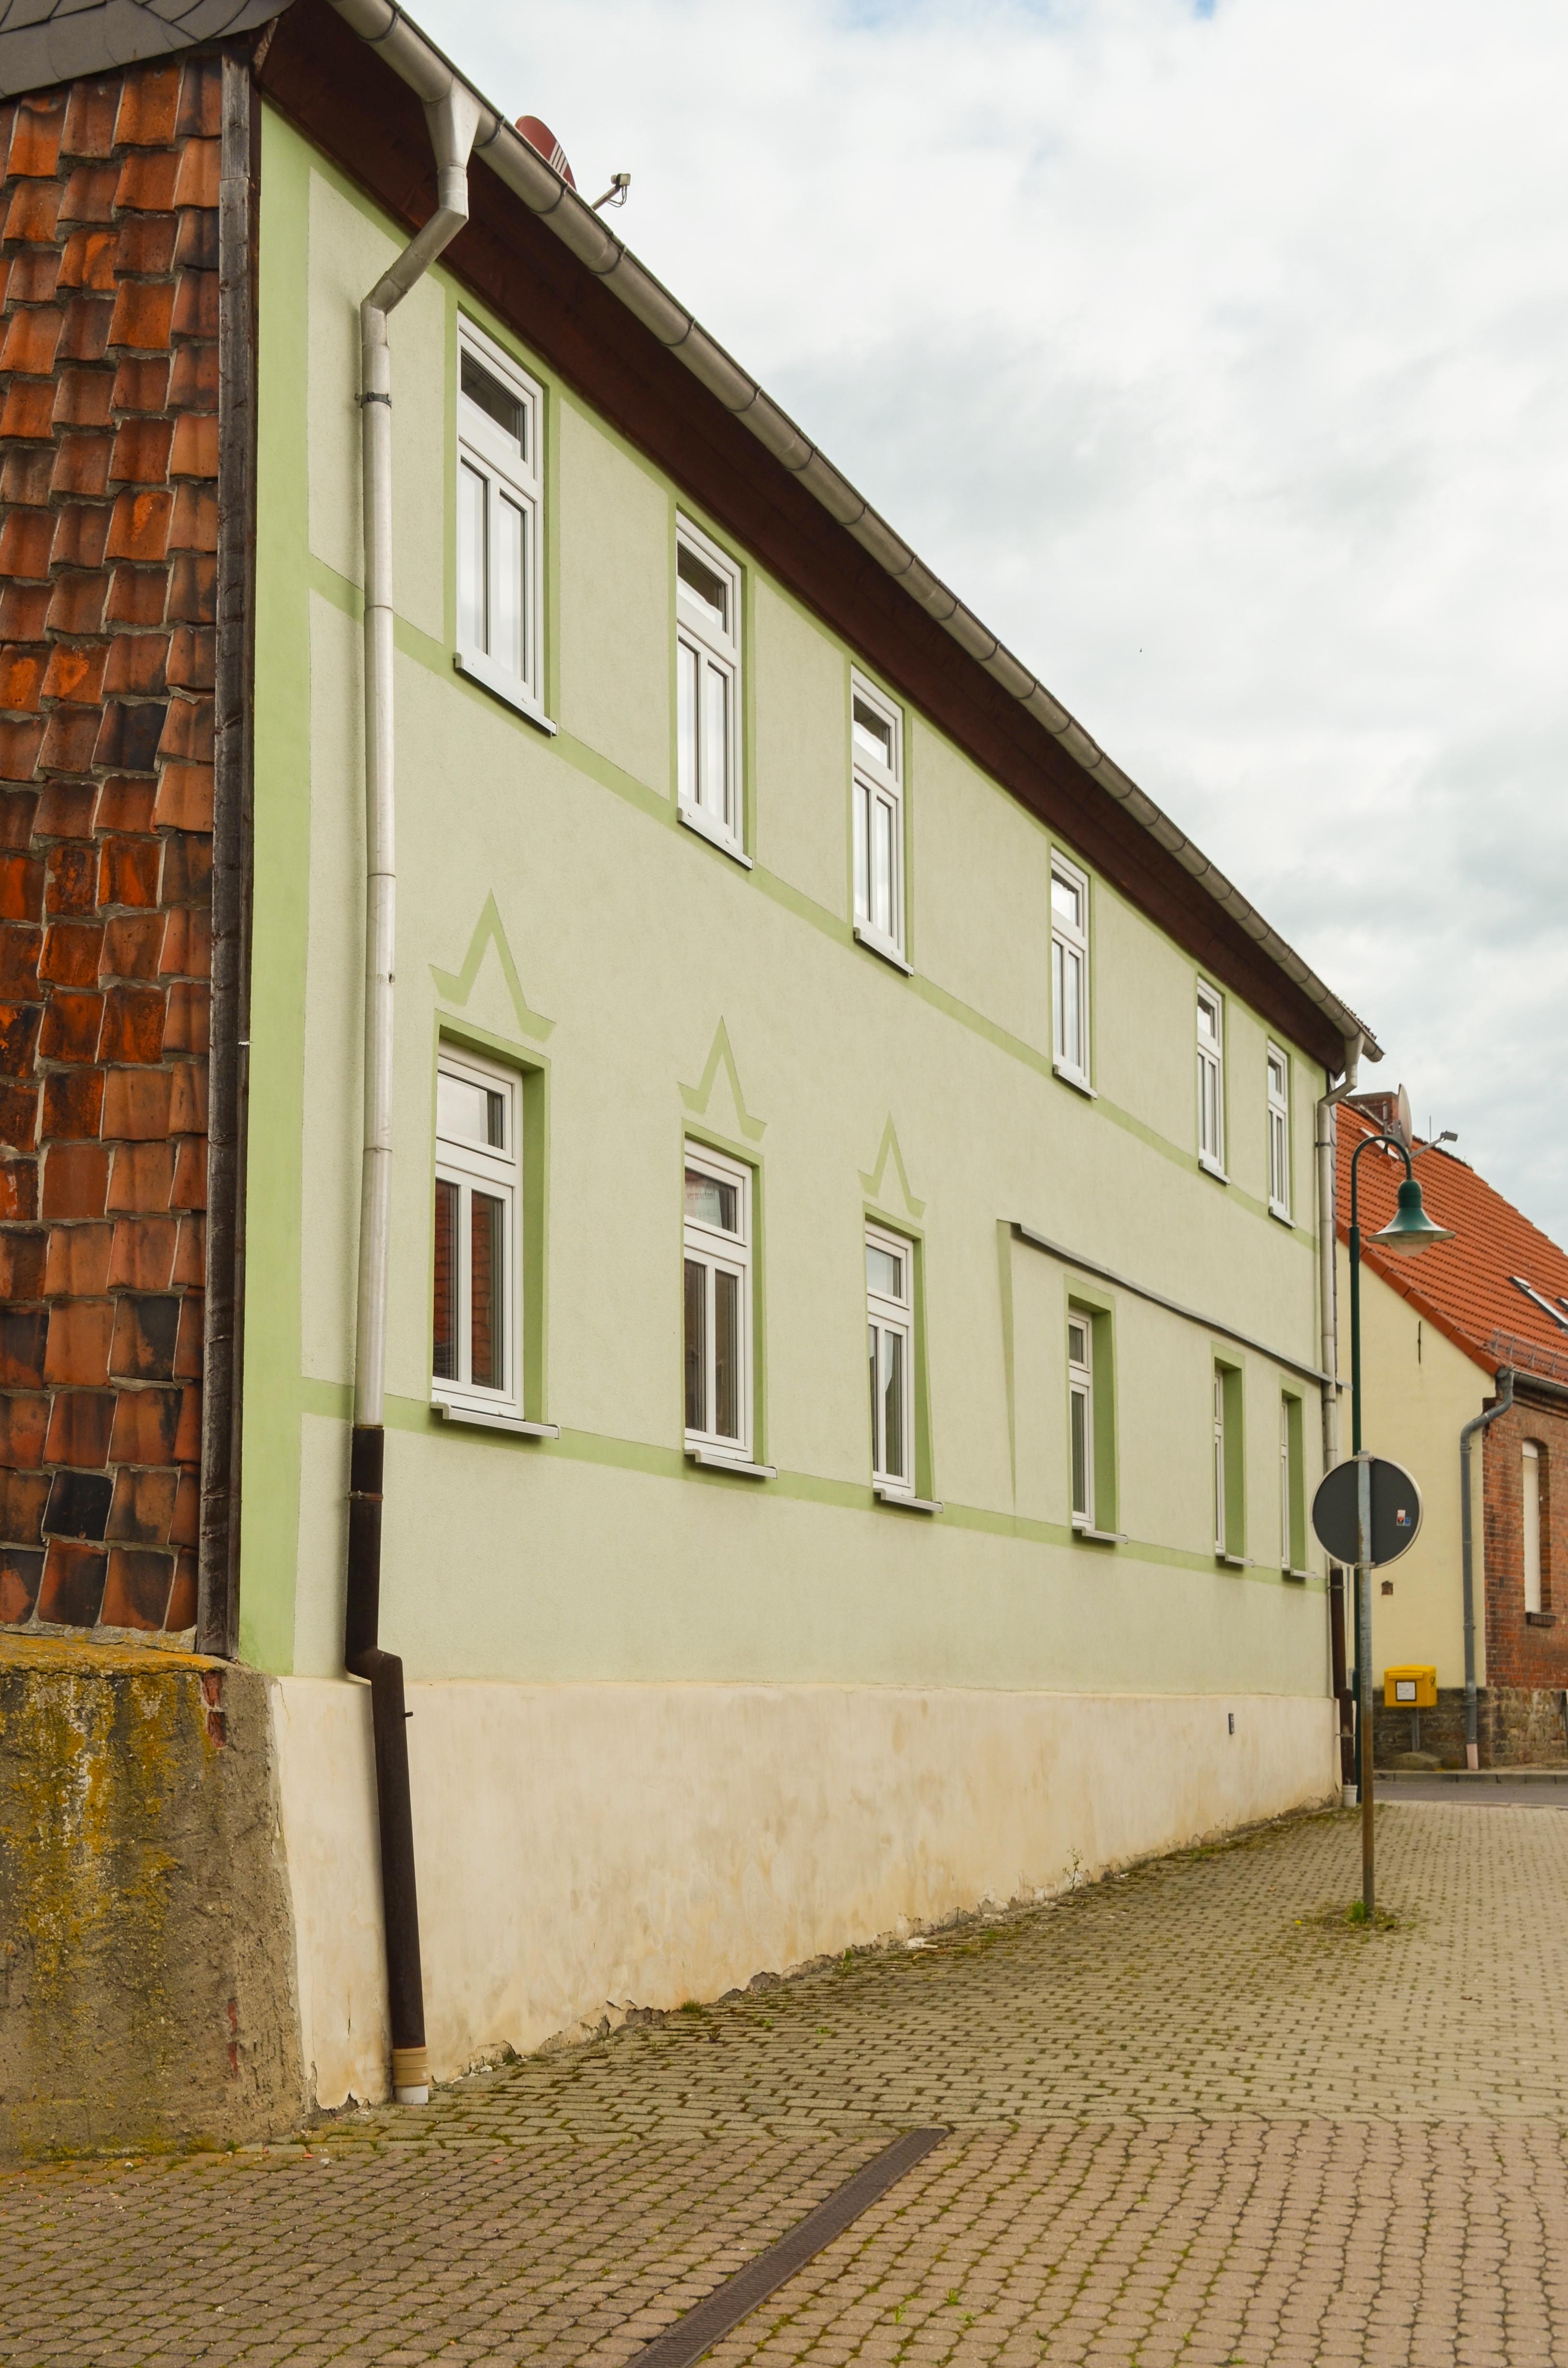 Wohnung/Mietwohnung in Oschersleben/OT Beckendorf